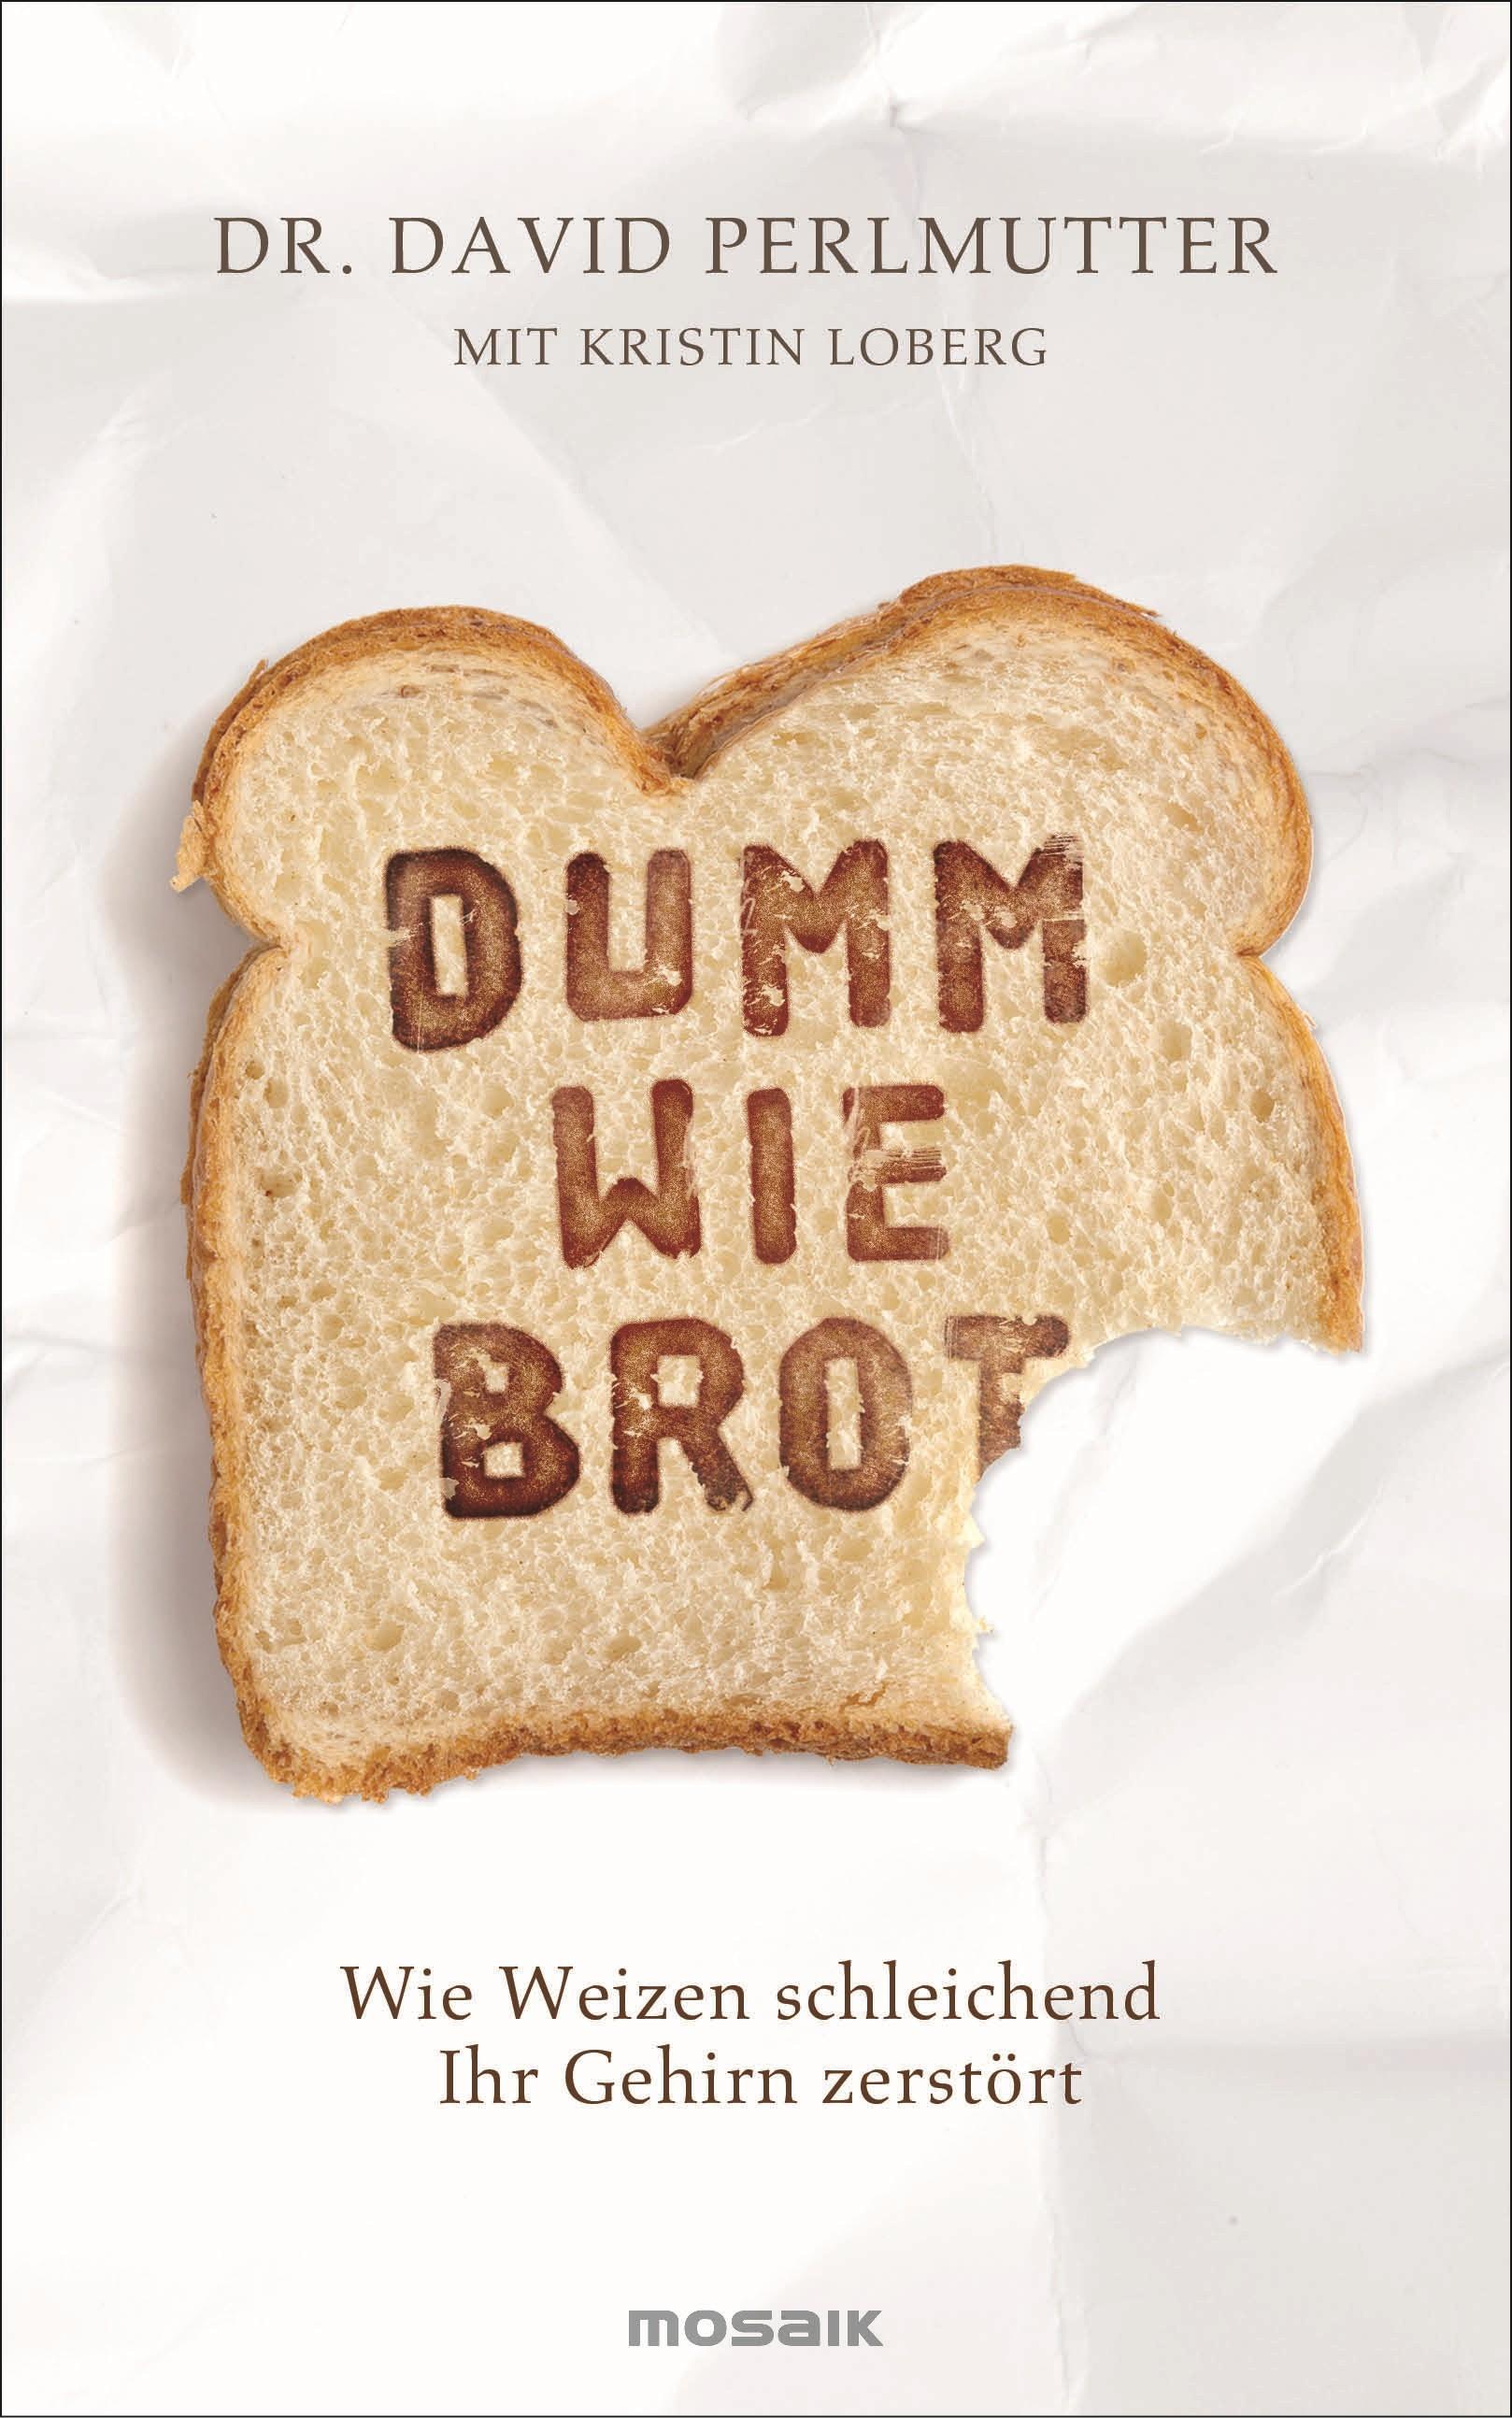 Dumm wie Brot: Wie Weizen schleichend Ihr Gehirn zerstört - Dr. David Perlmutter